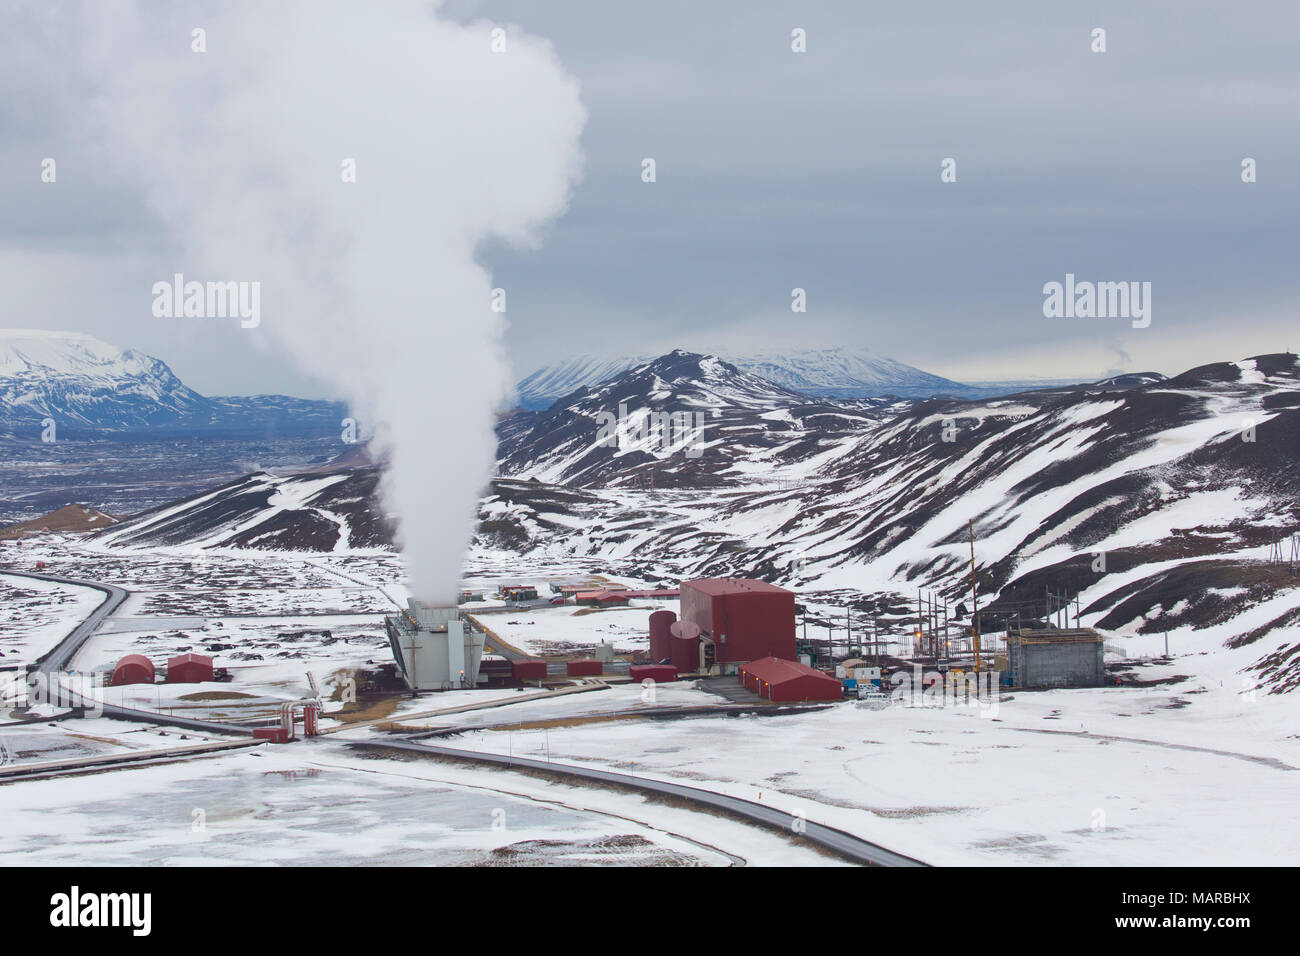 Krafla geothermal power plant, Iceland - Stock Image